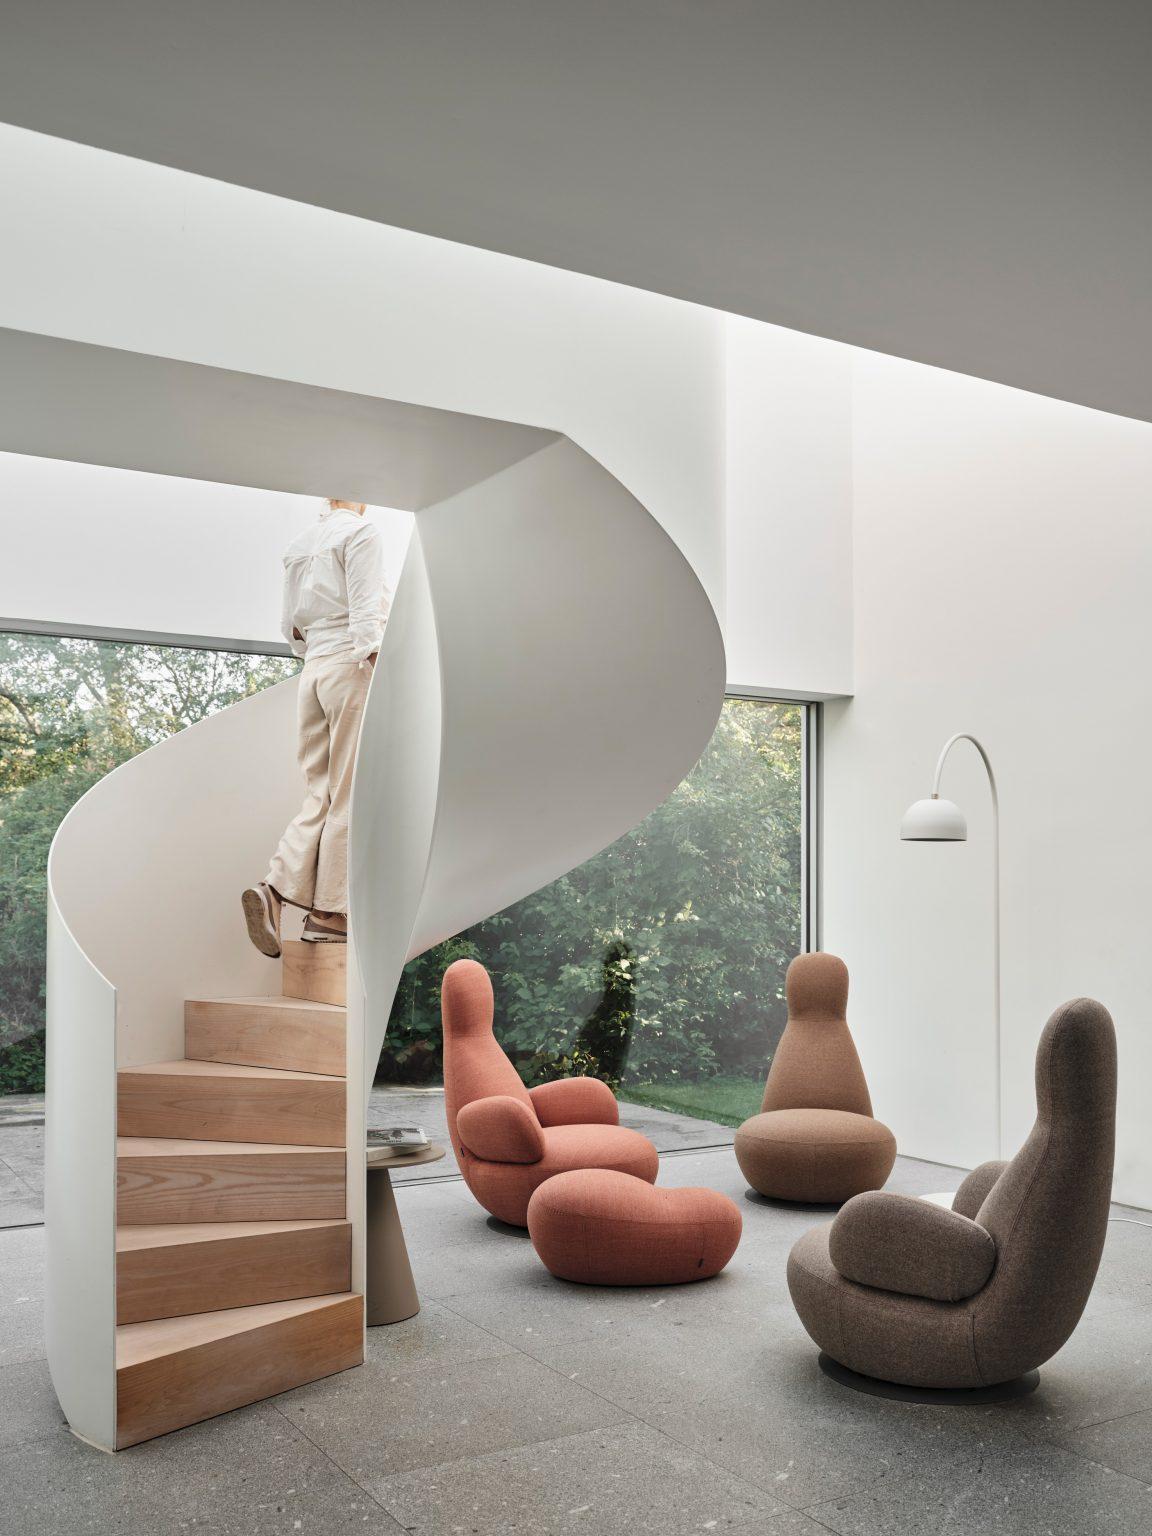 Biennale Interieur - Belgium's leading design and interior event - 2oppo_08.jpg